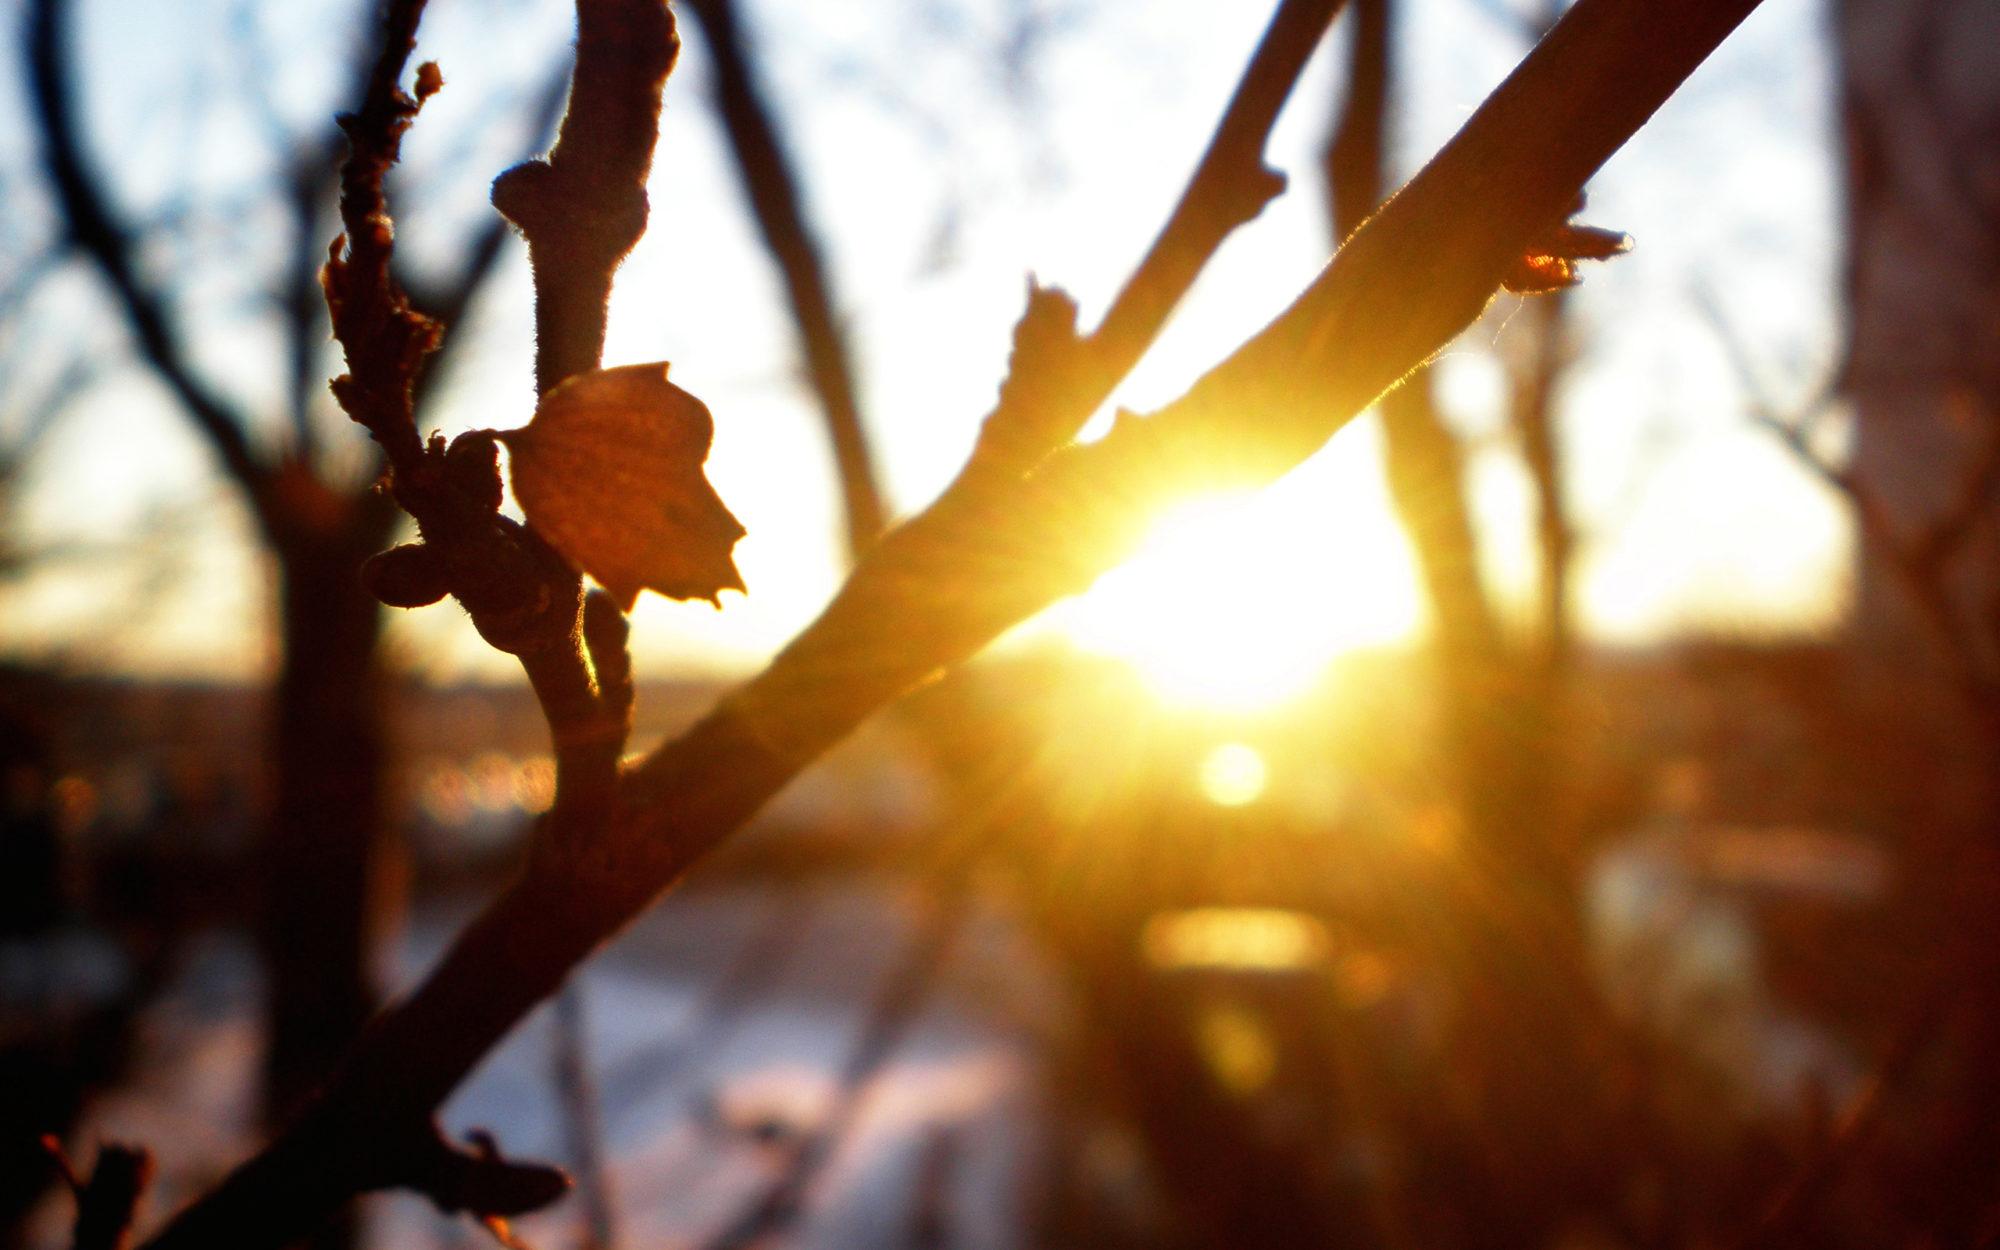 26 березня на Київщині почне потроху теплішати - погода - 26 pogoda 2000x1250